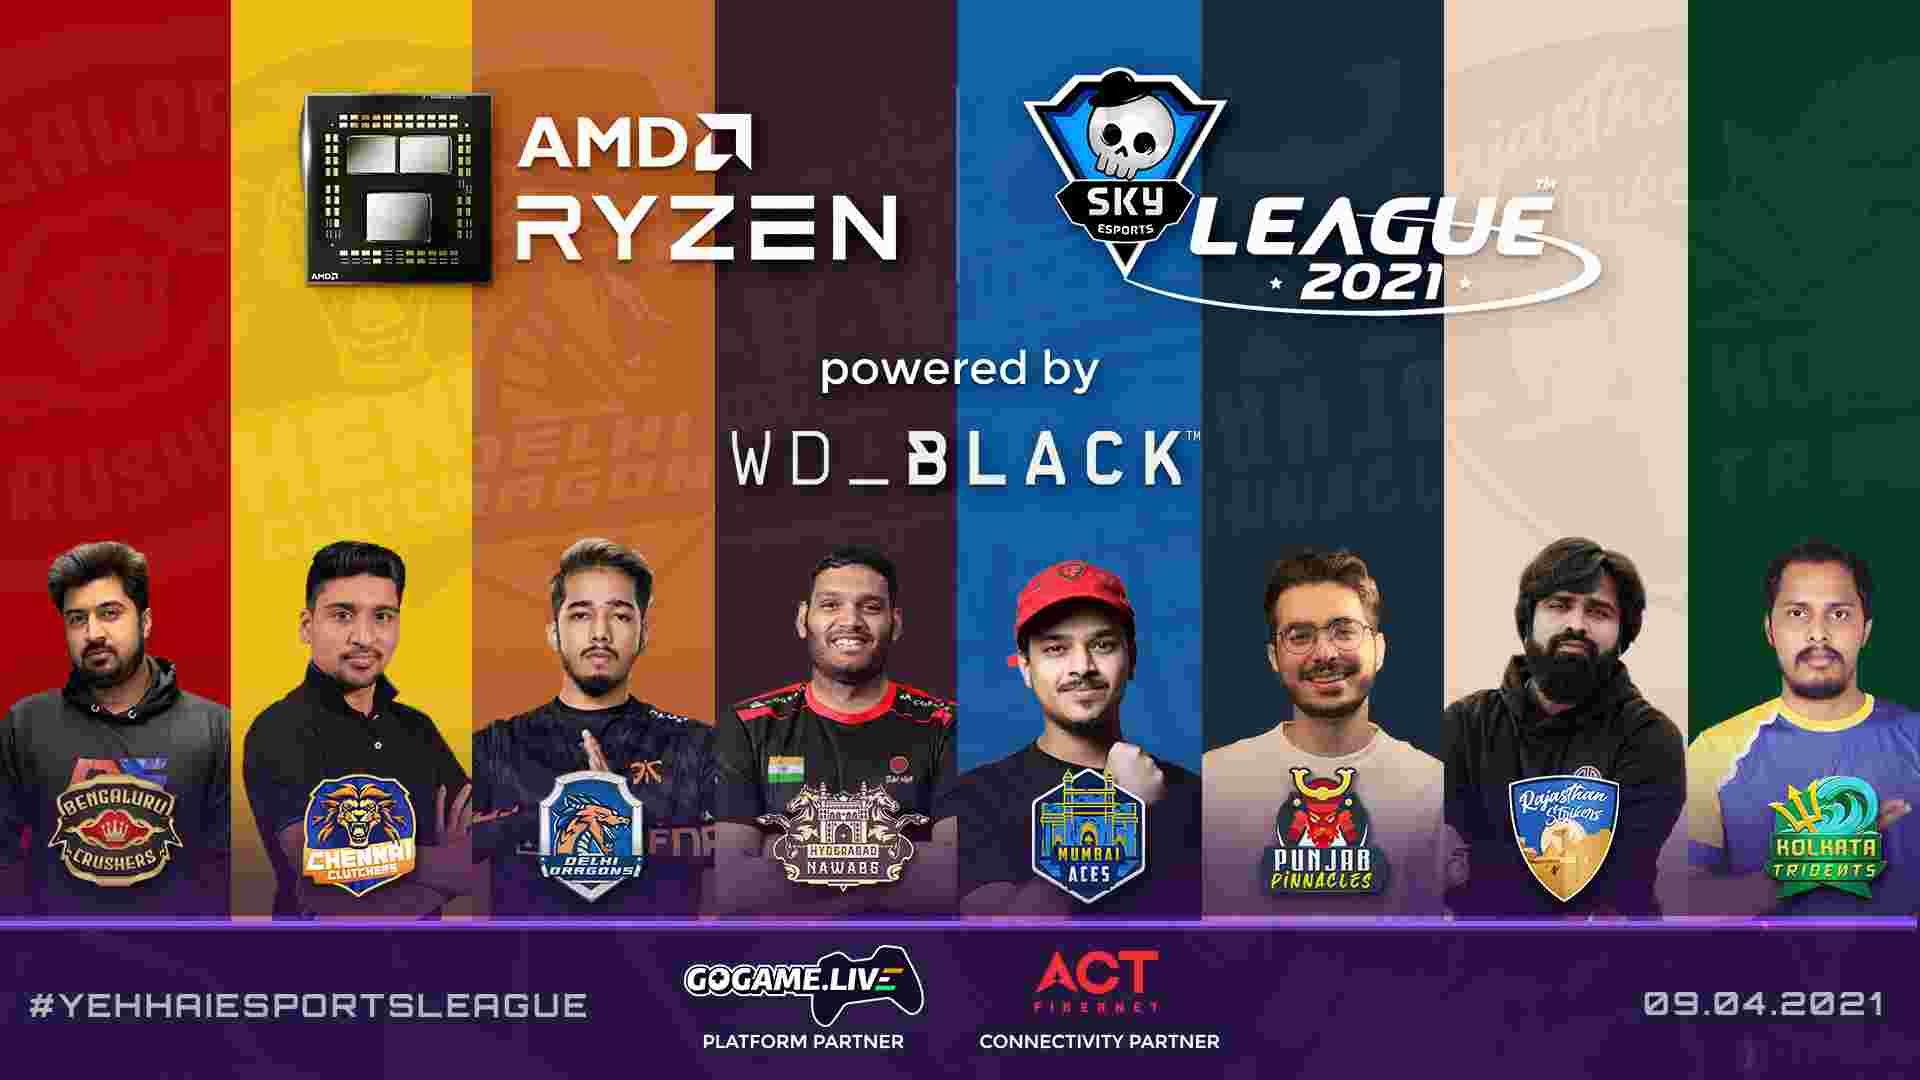 AMD Ryzen Skyesports League 2021